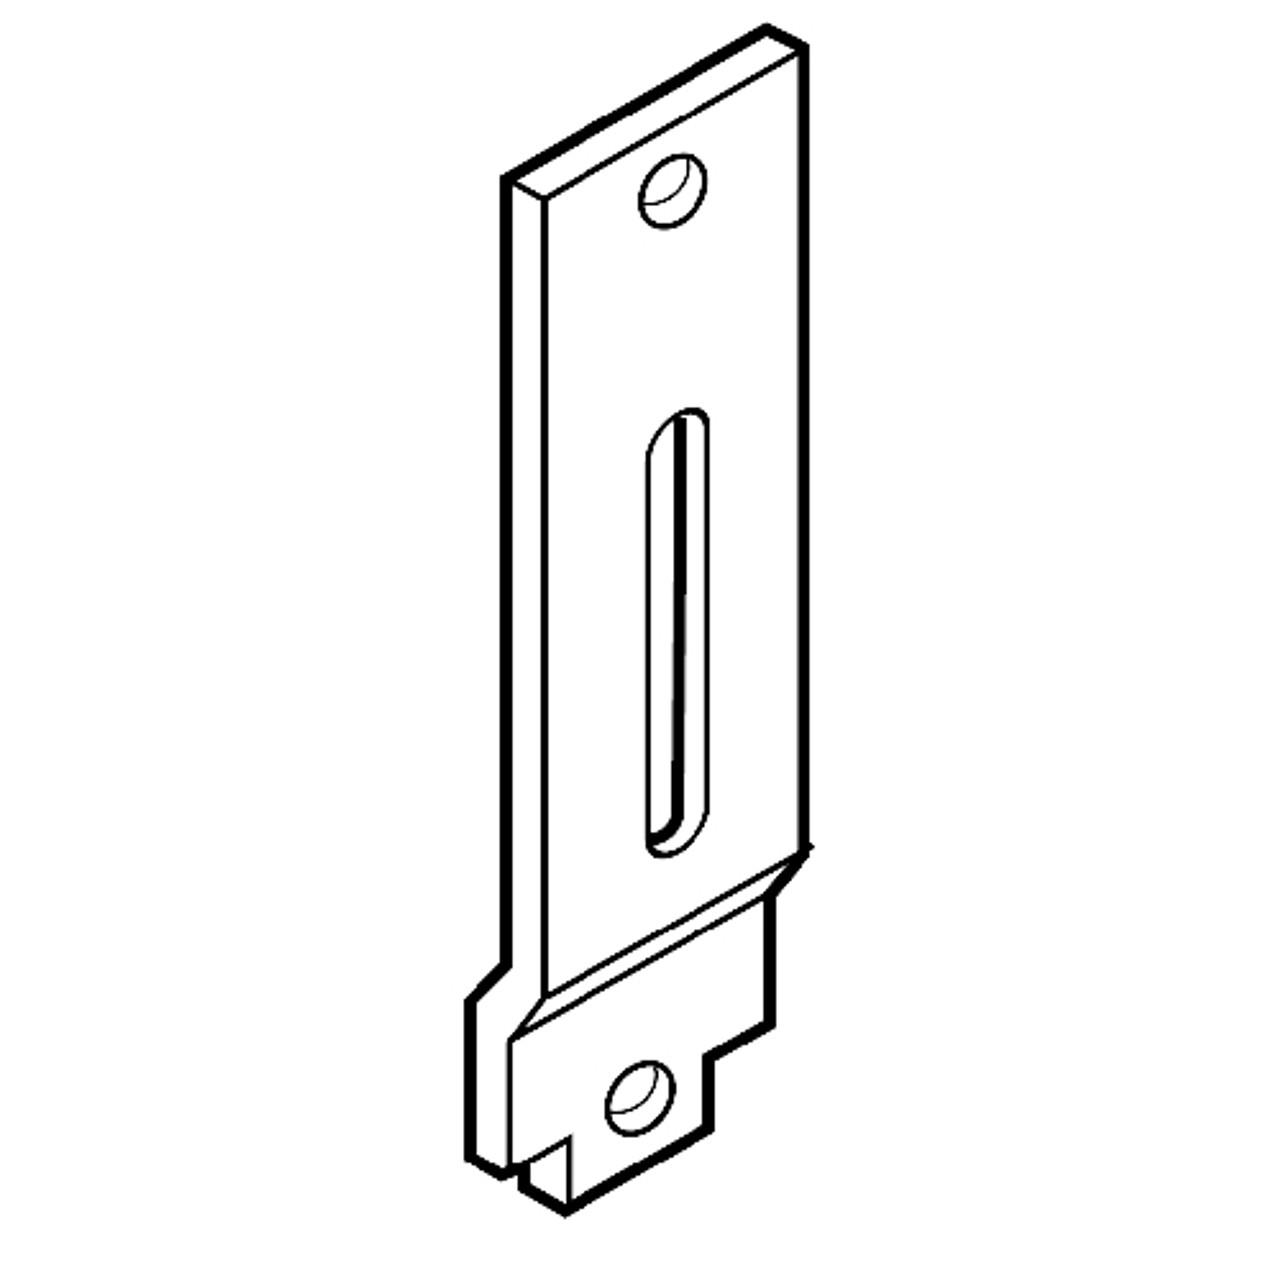 91-0965 Adams Rite Universal Mounting Tab Kit for Flat/Radius Stiles